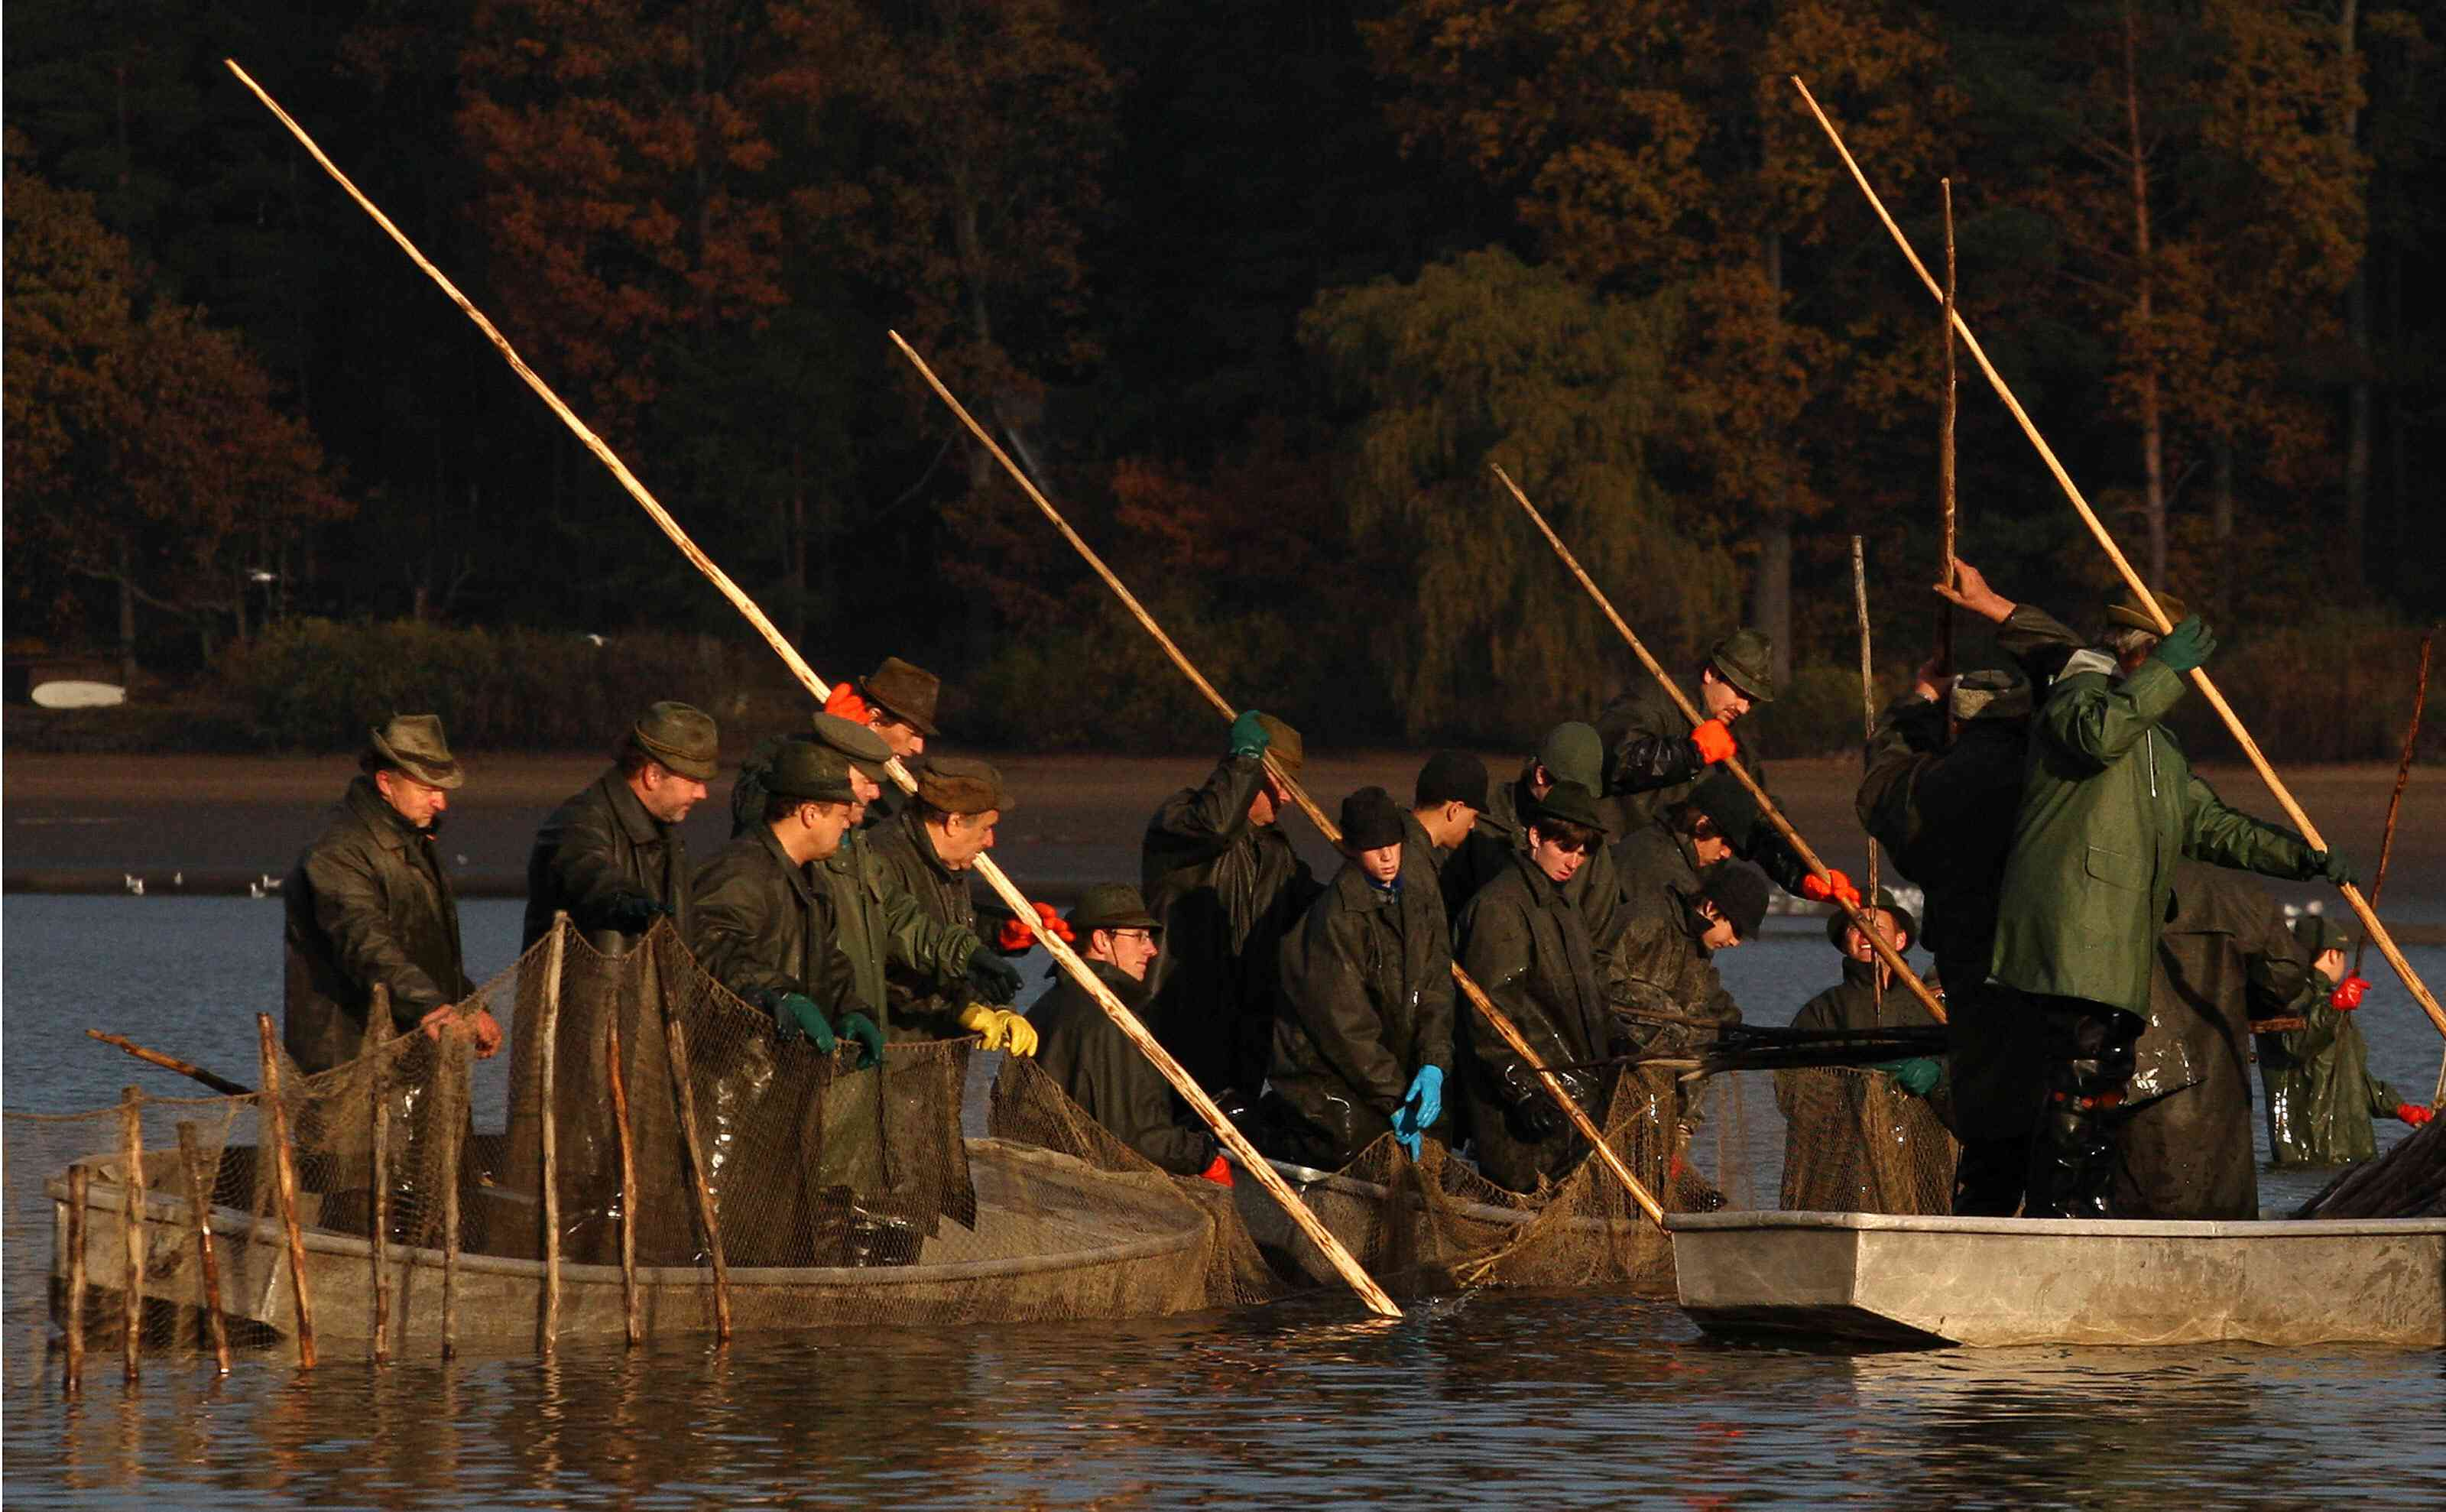 Los pescadores preparan redes durante el tradit